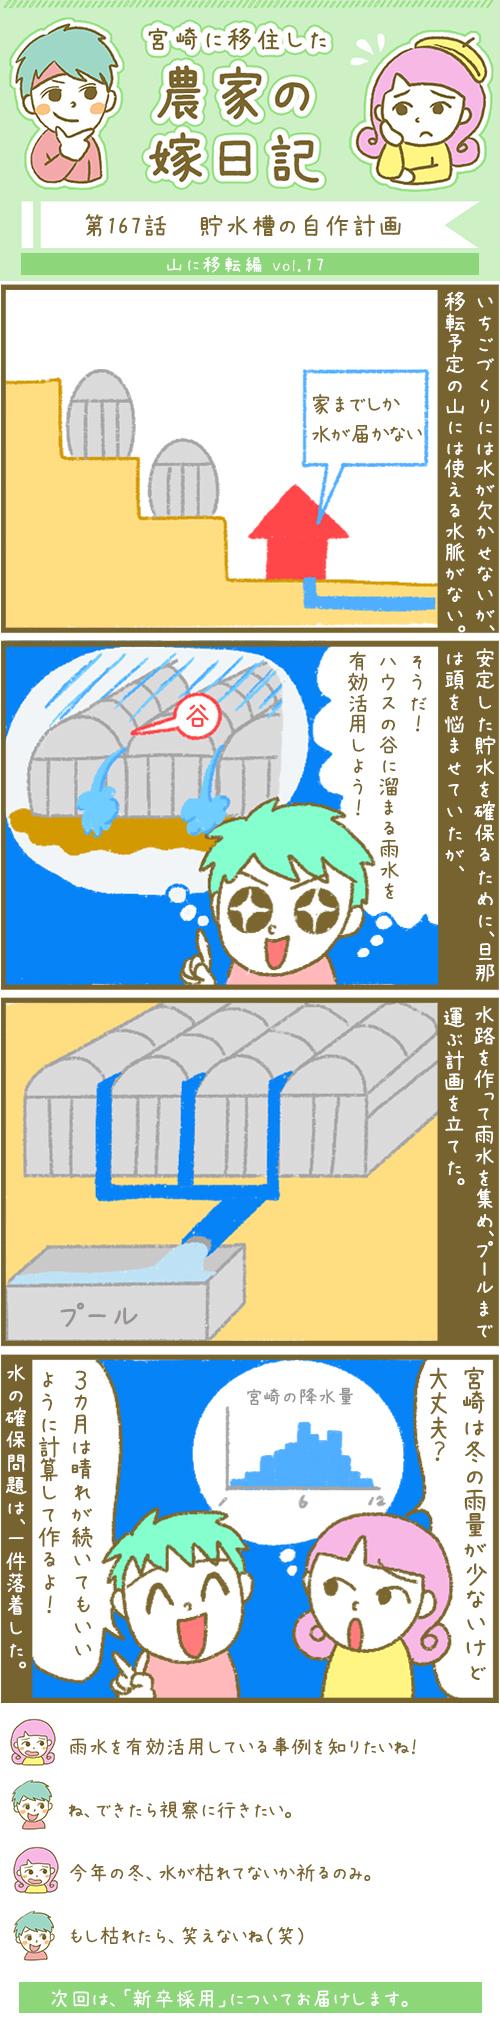 漫画第167話